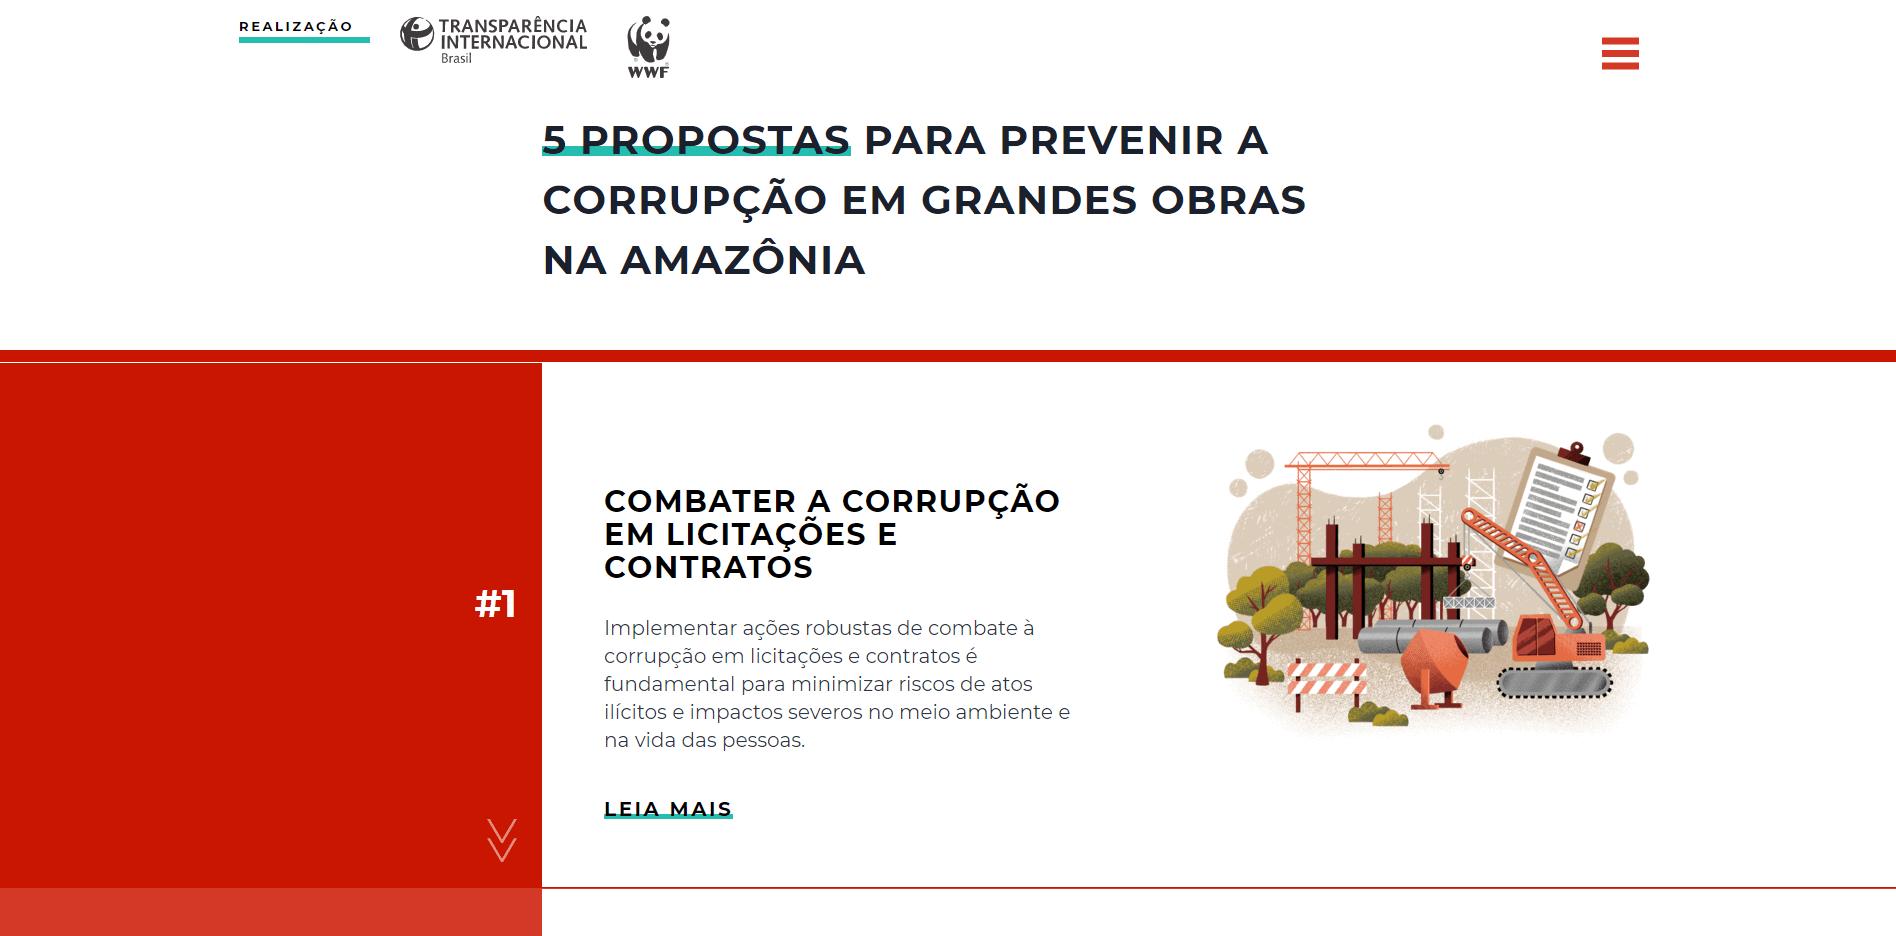 Captura de tela da área de propostas na tela inicial do site Amazônia sem Corrupção.